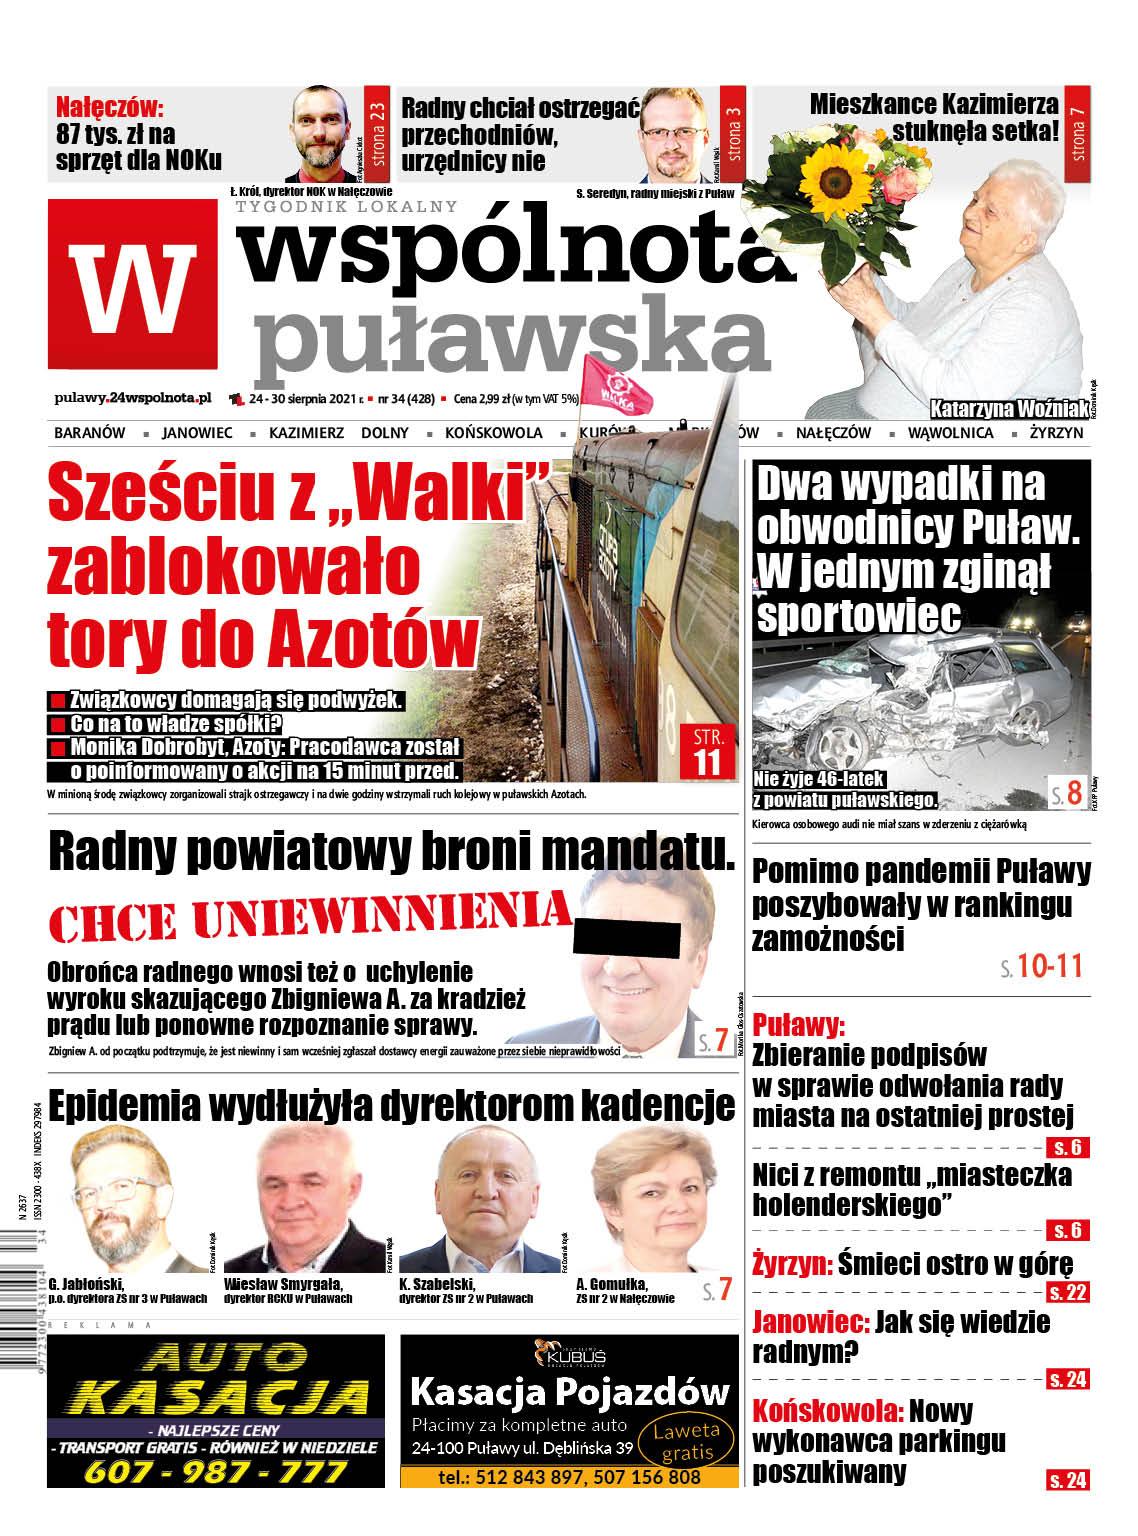 Radny powiatowy sprawiedliwości szuka w Lublinie - Zdjęcie główne